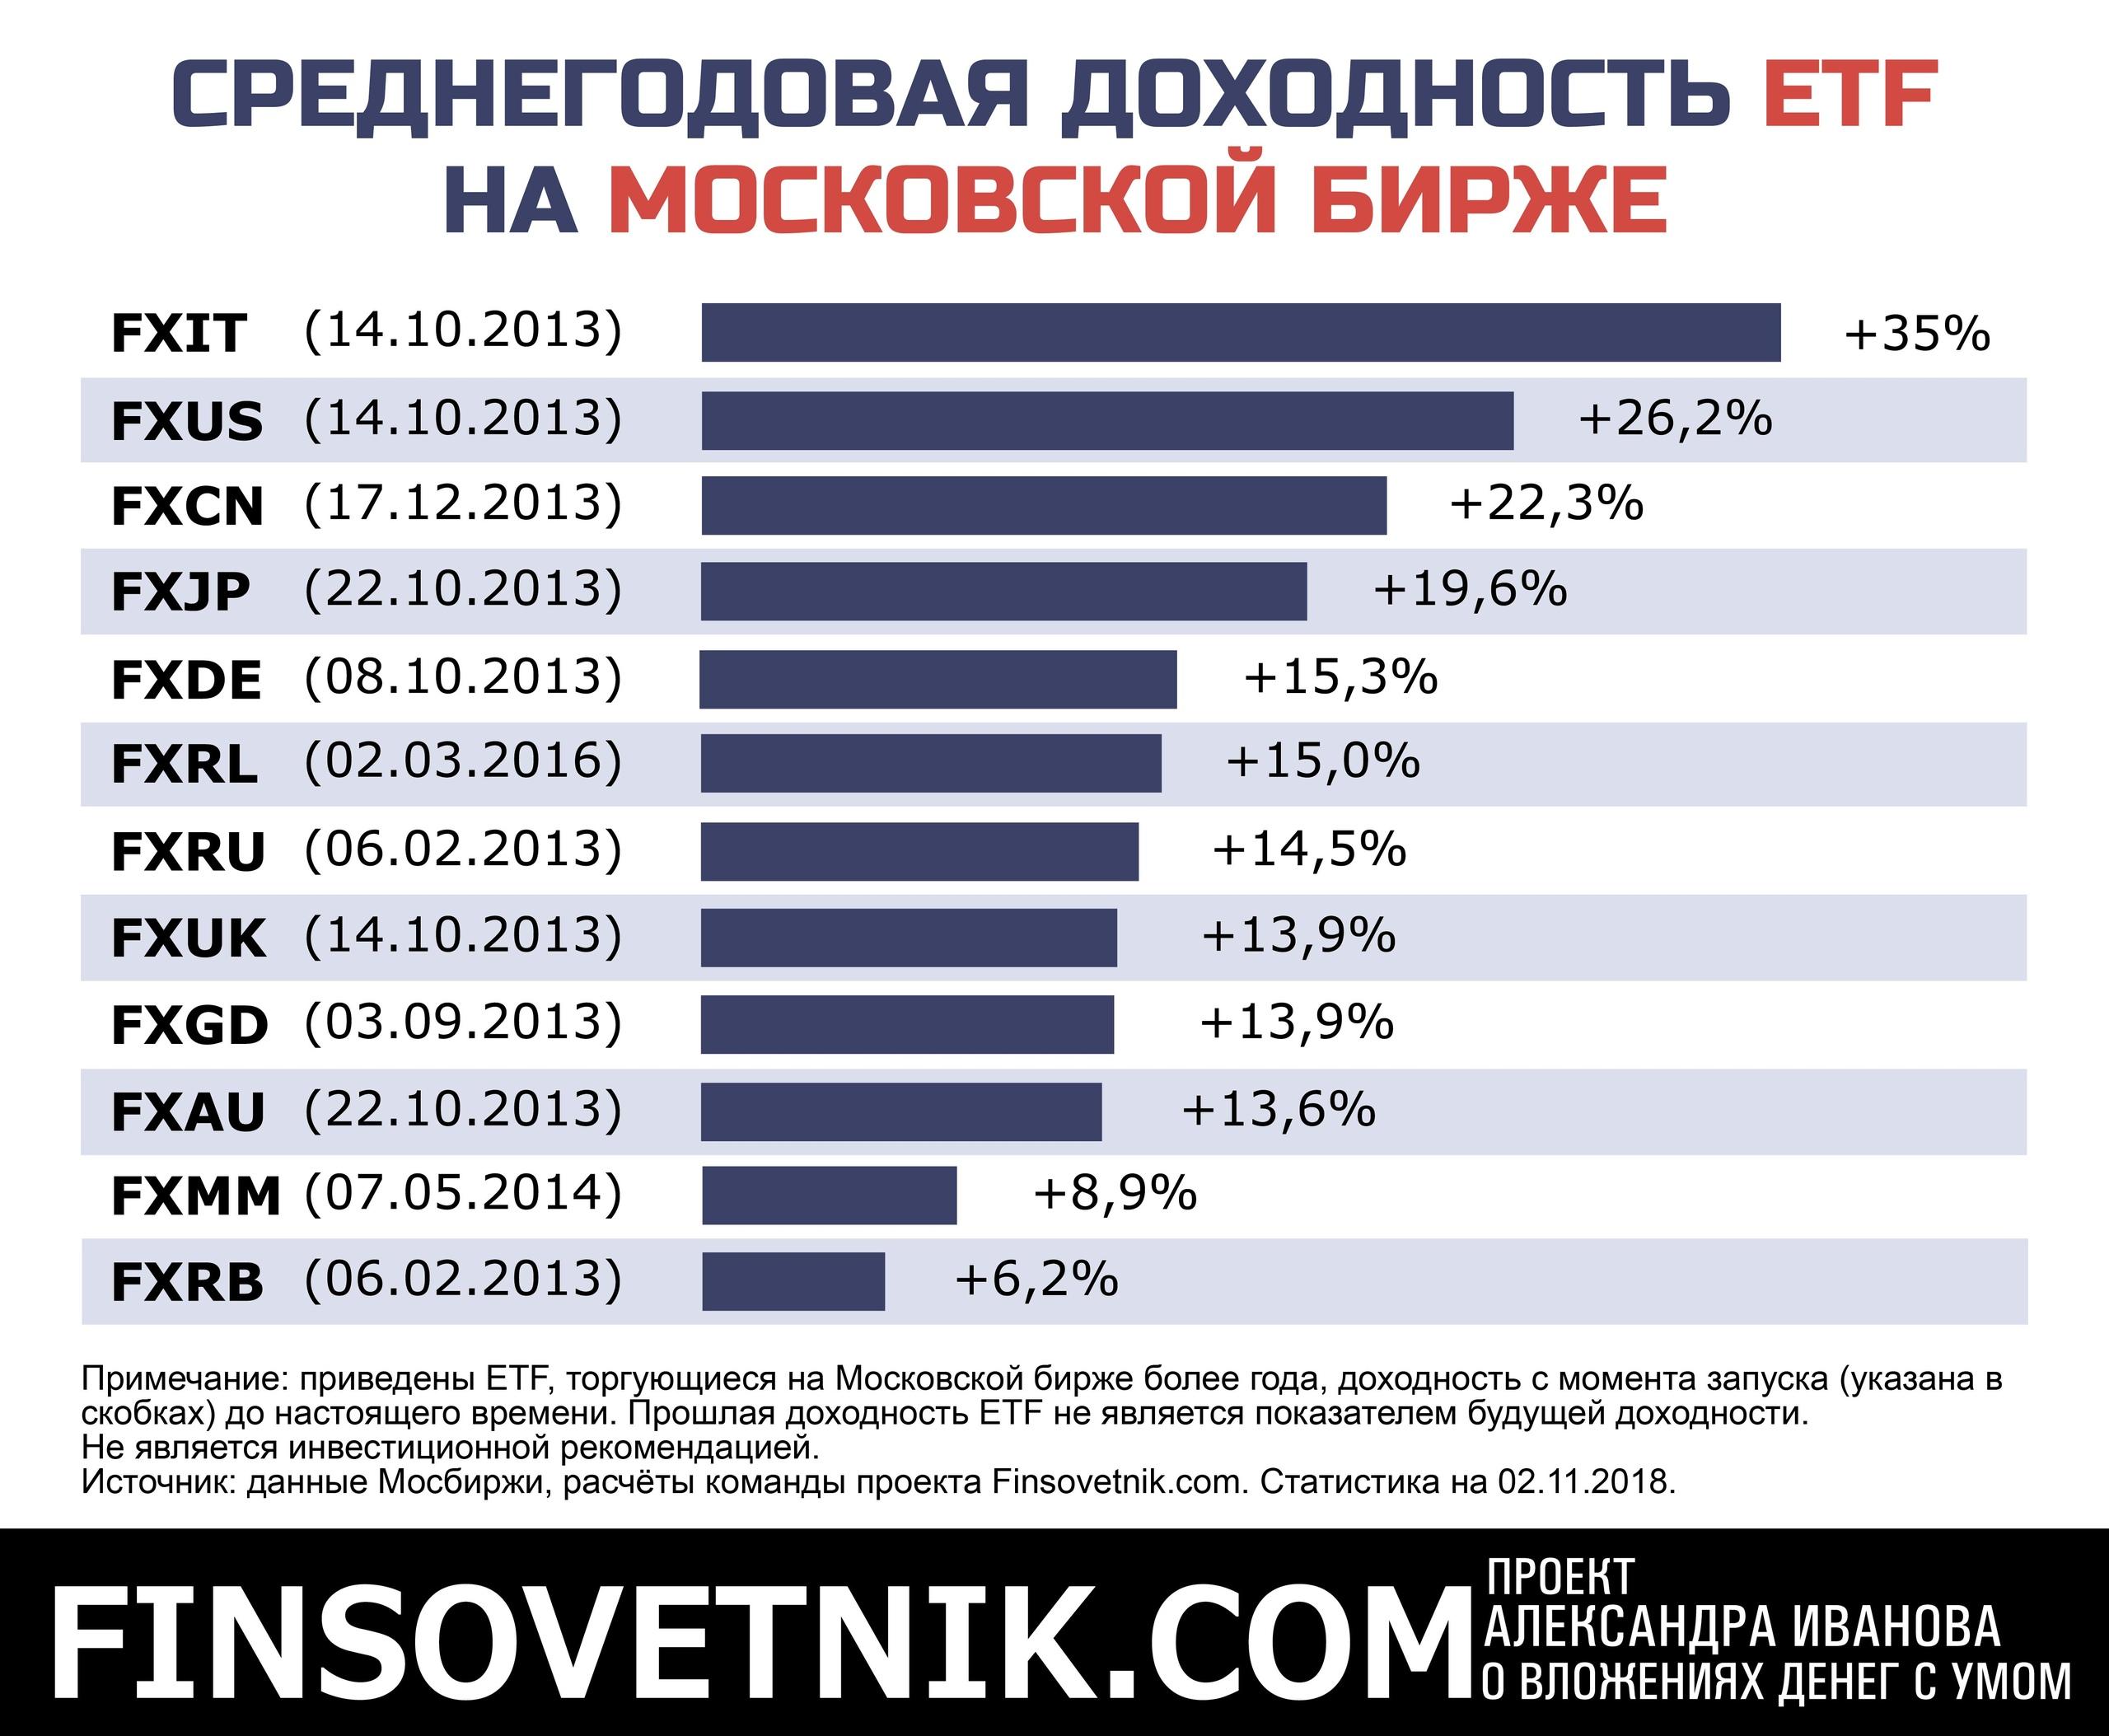 Список участников торгов на московской бирже прогноз стоимости биткоина на 2020